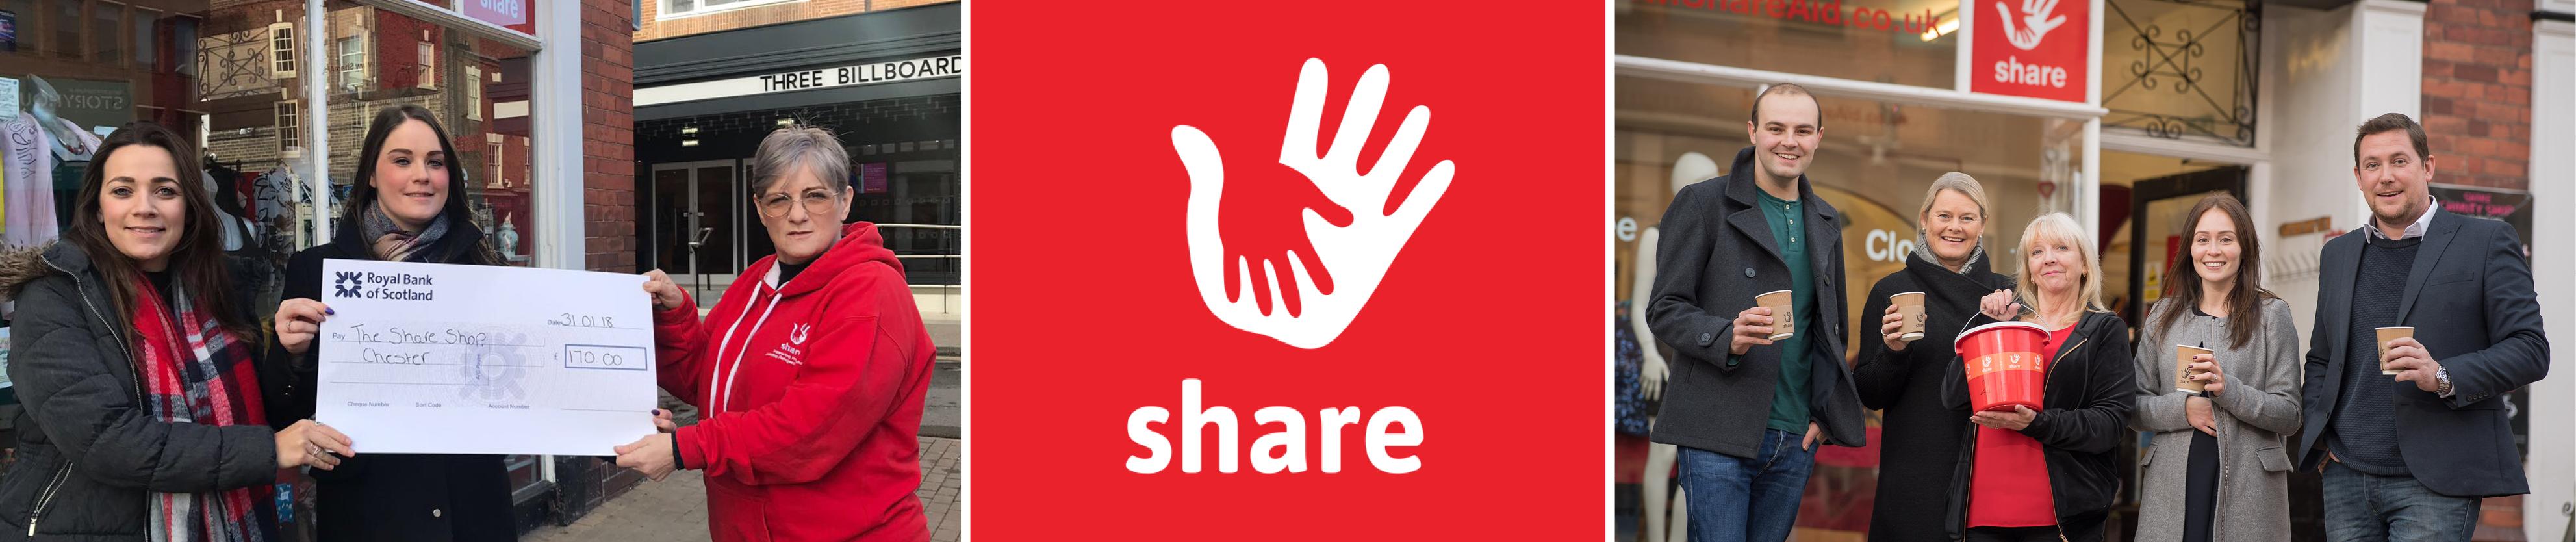 Entyce raise money for Share